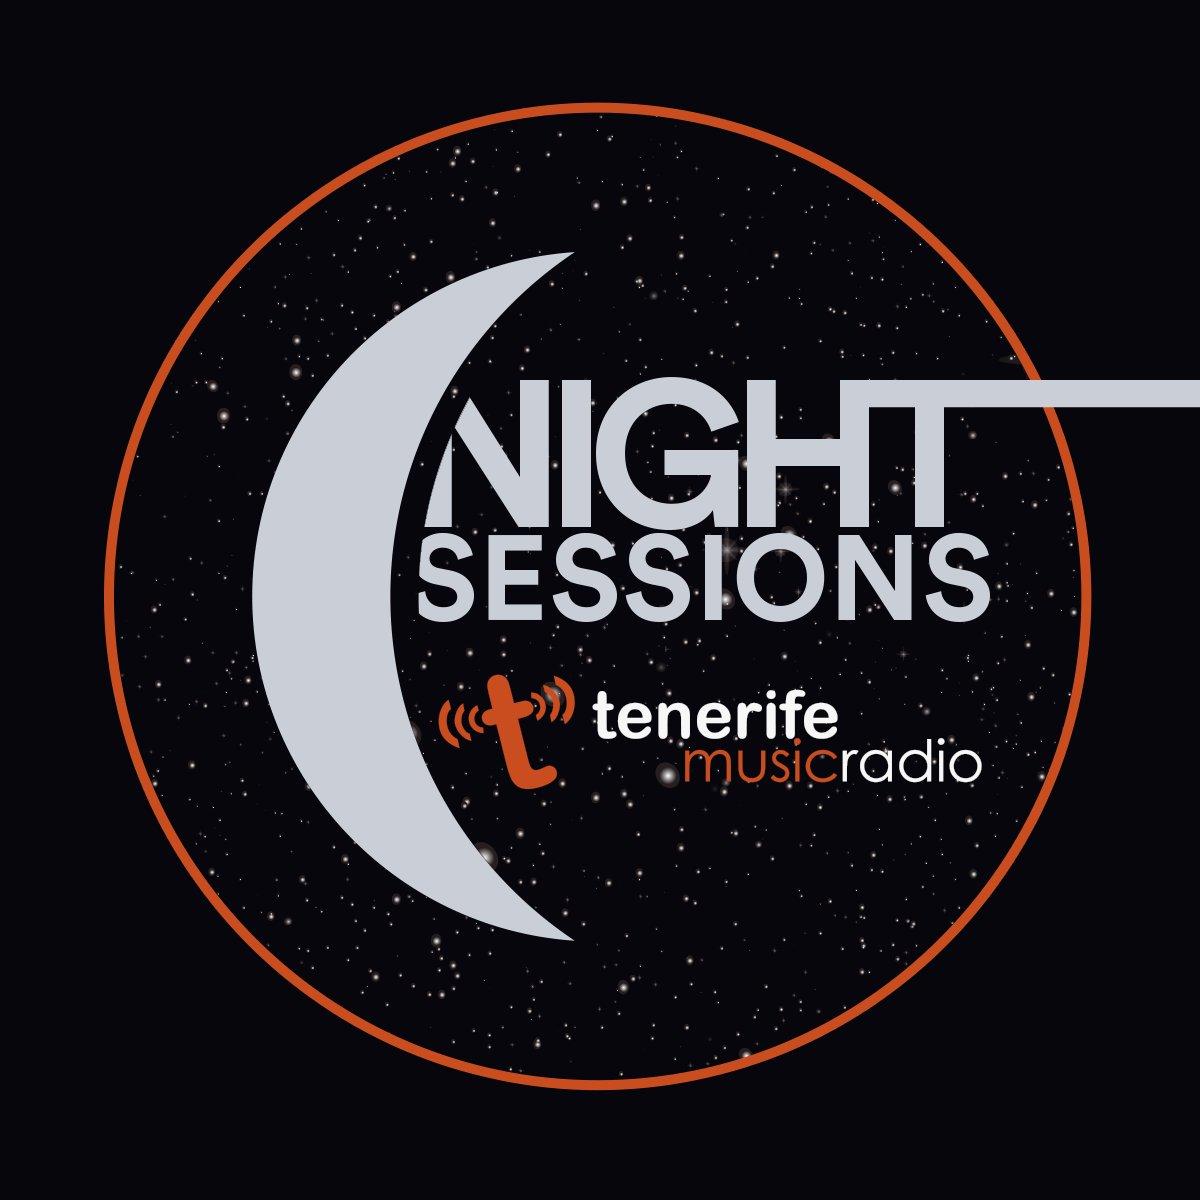 TenerifeMusic